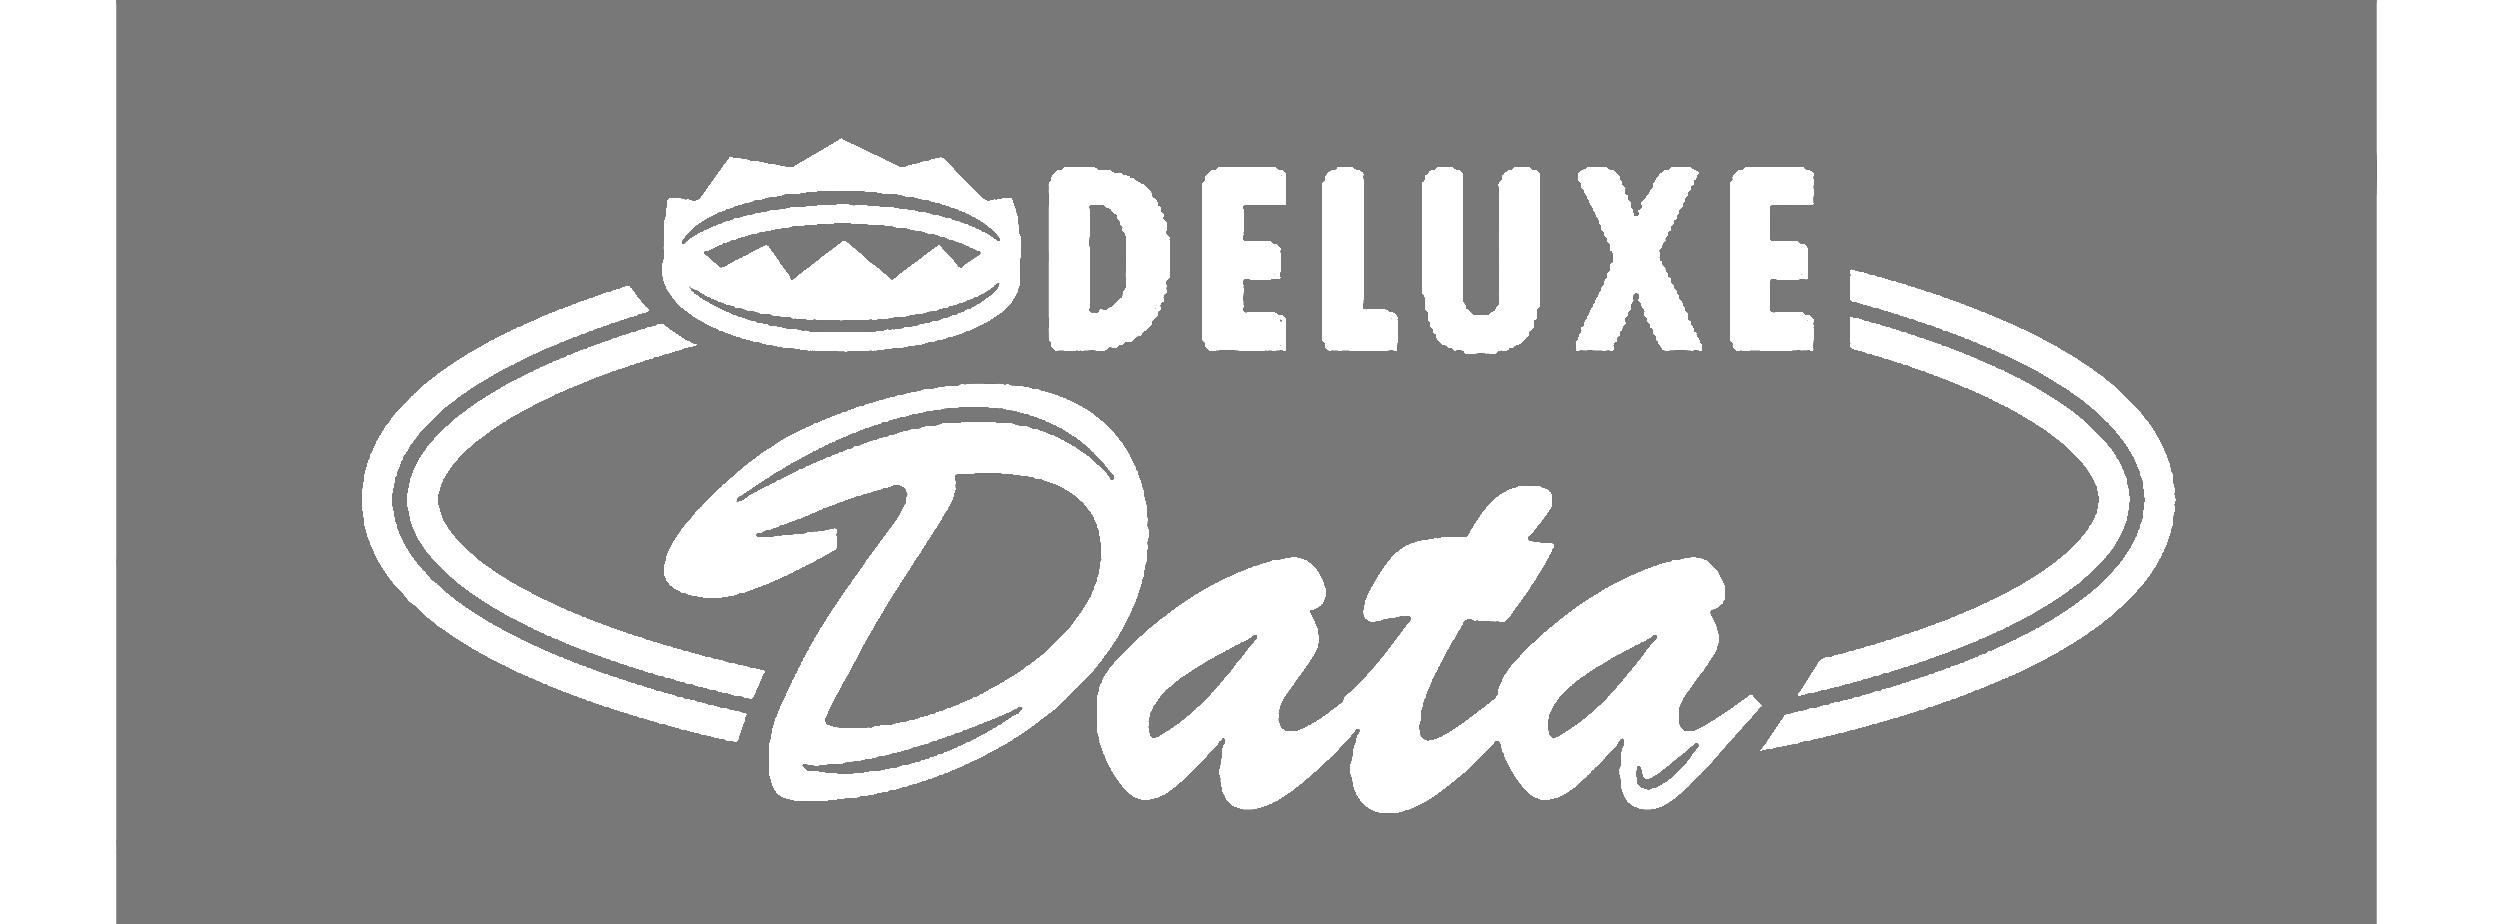 Deluxe Data Gray.jpg